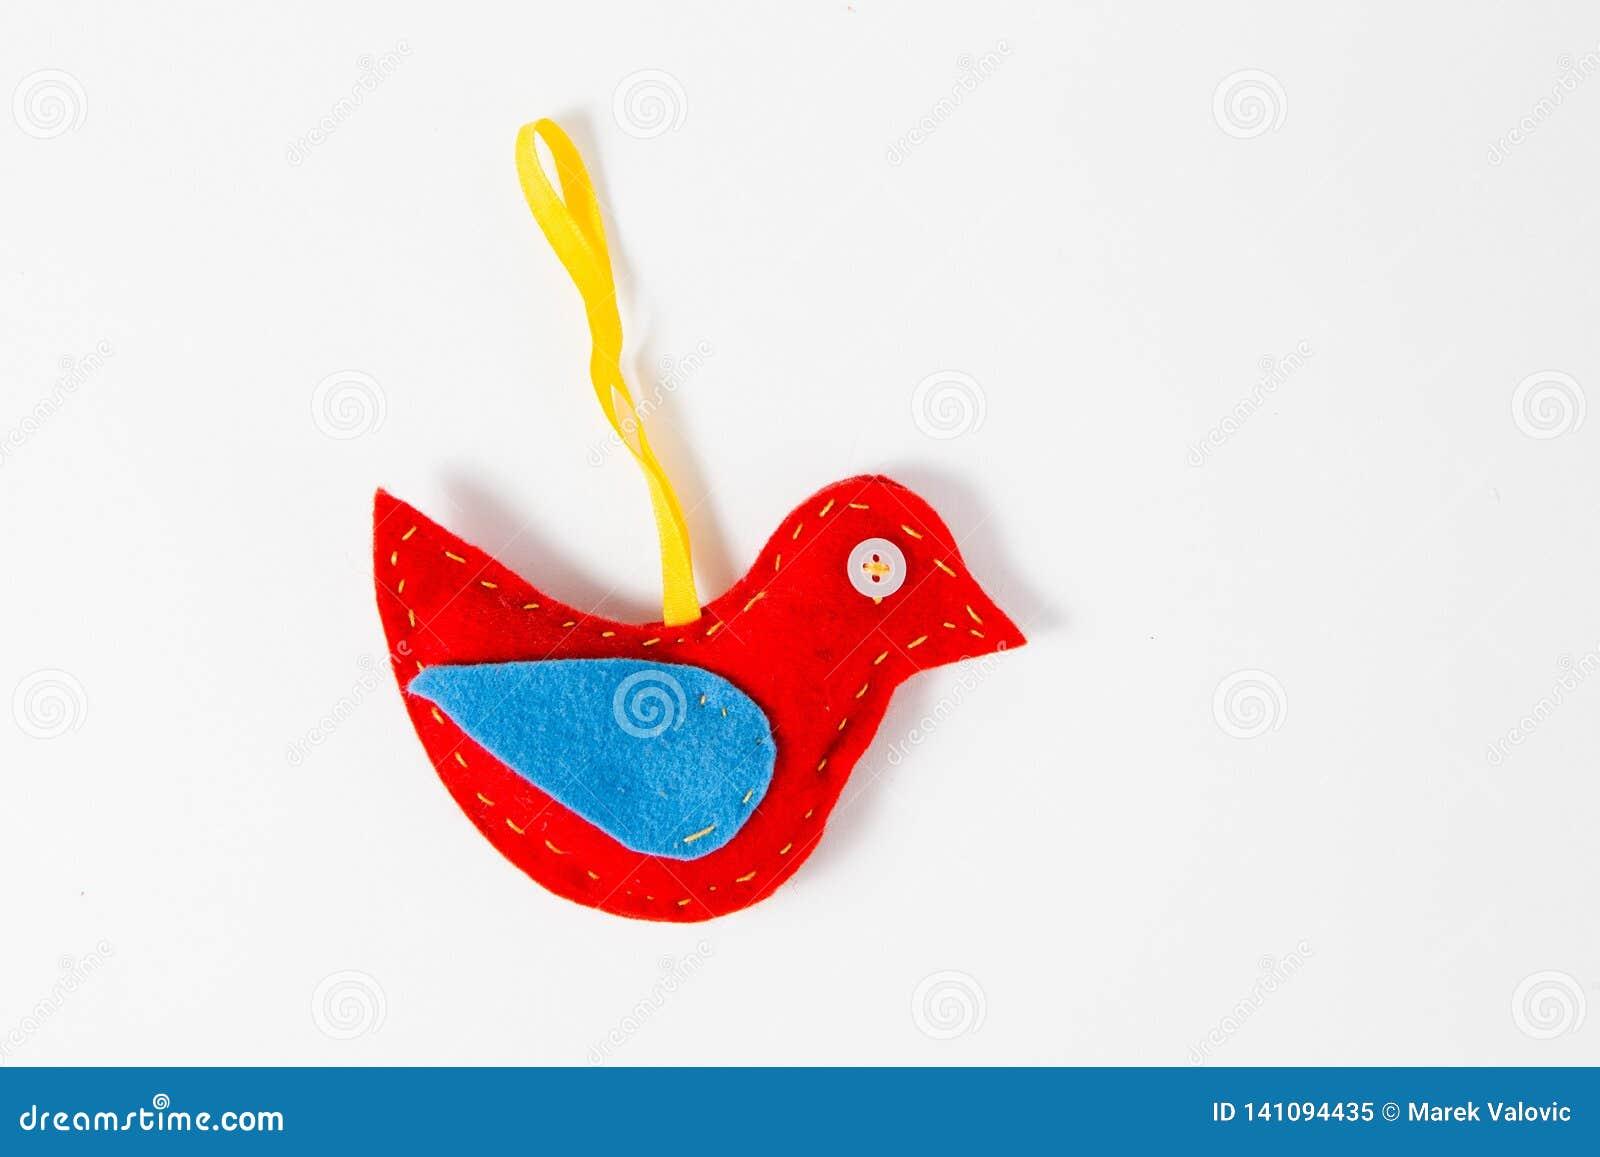 Handgemachte Nadelauflage geformt als Vogel